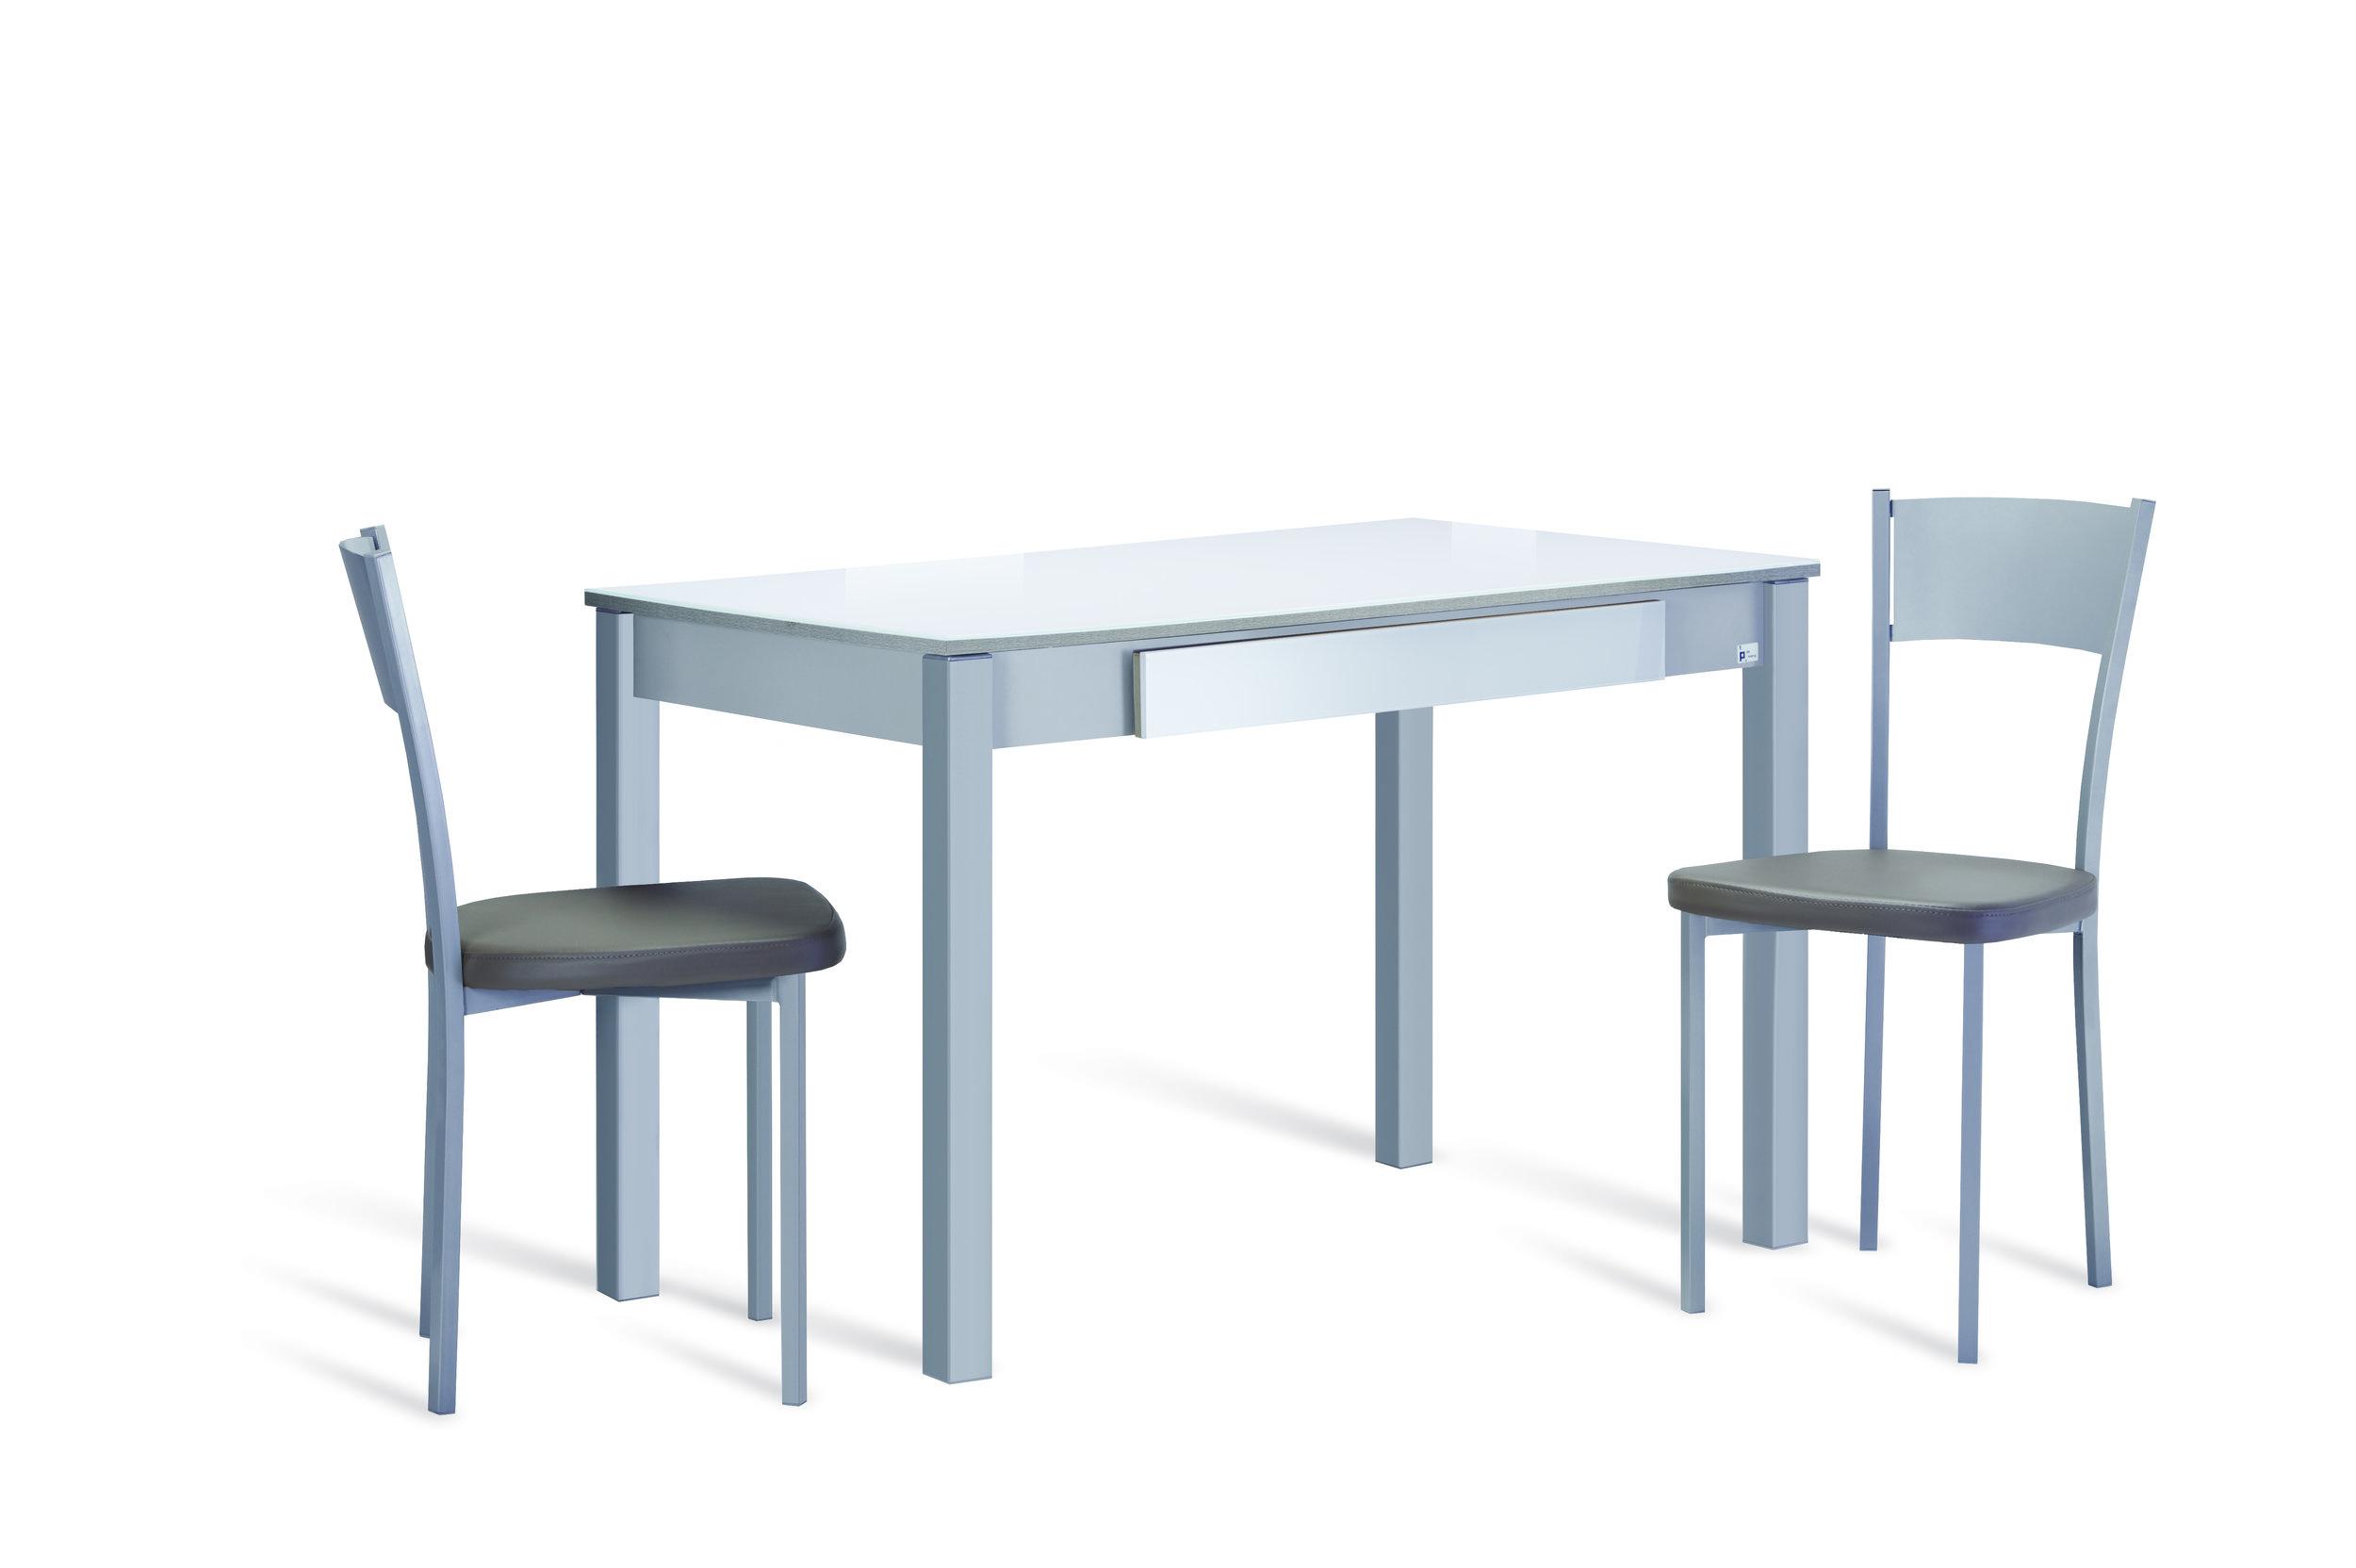 """TEEN - Uma linha de mesas de cozinha jovem e prática, que dá resposta às necessidades fundamentais do dia-a-dia na cozinha. Encontre a mesa de cozinha que lhe permitirá saborear os melhores momentos da vida. Combine-a com a cadeira de cozinha perfeita. Estas e outras mesas de cozinha distintas, com """"superpoderes"""", definem esta coleção de mesas e cadeiras de cozinha."""